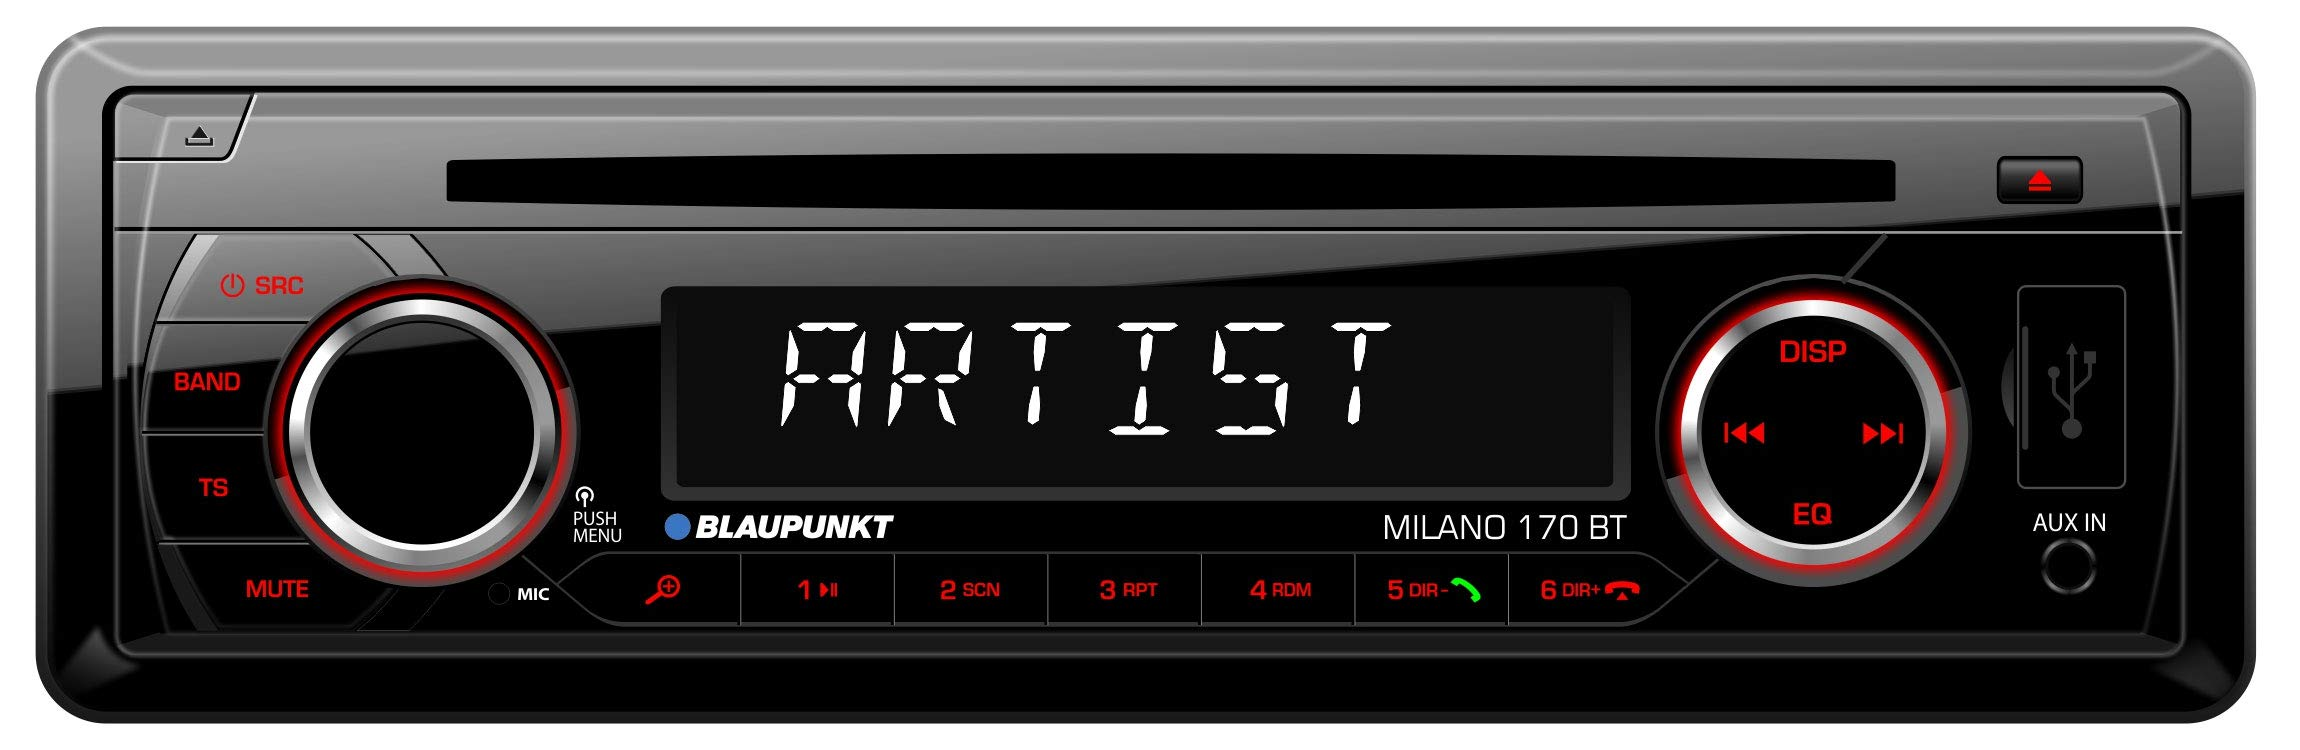 Blaupunkt-2001017123466Milano-170-BT-Auto-Radio-schwarz